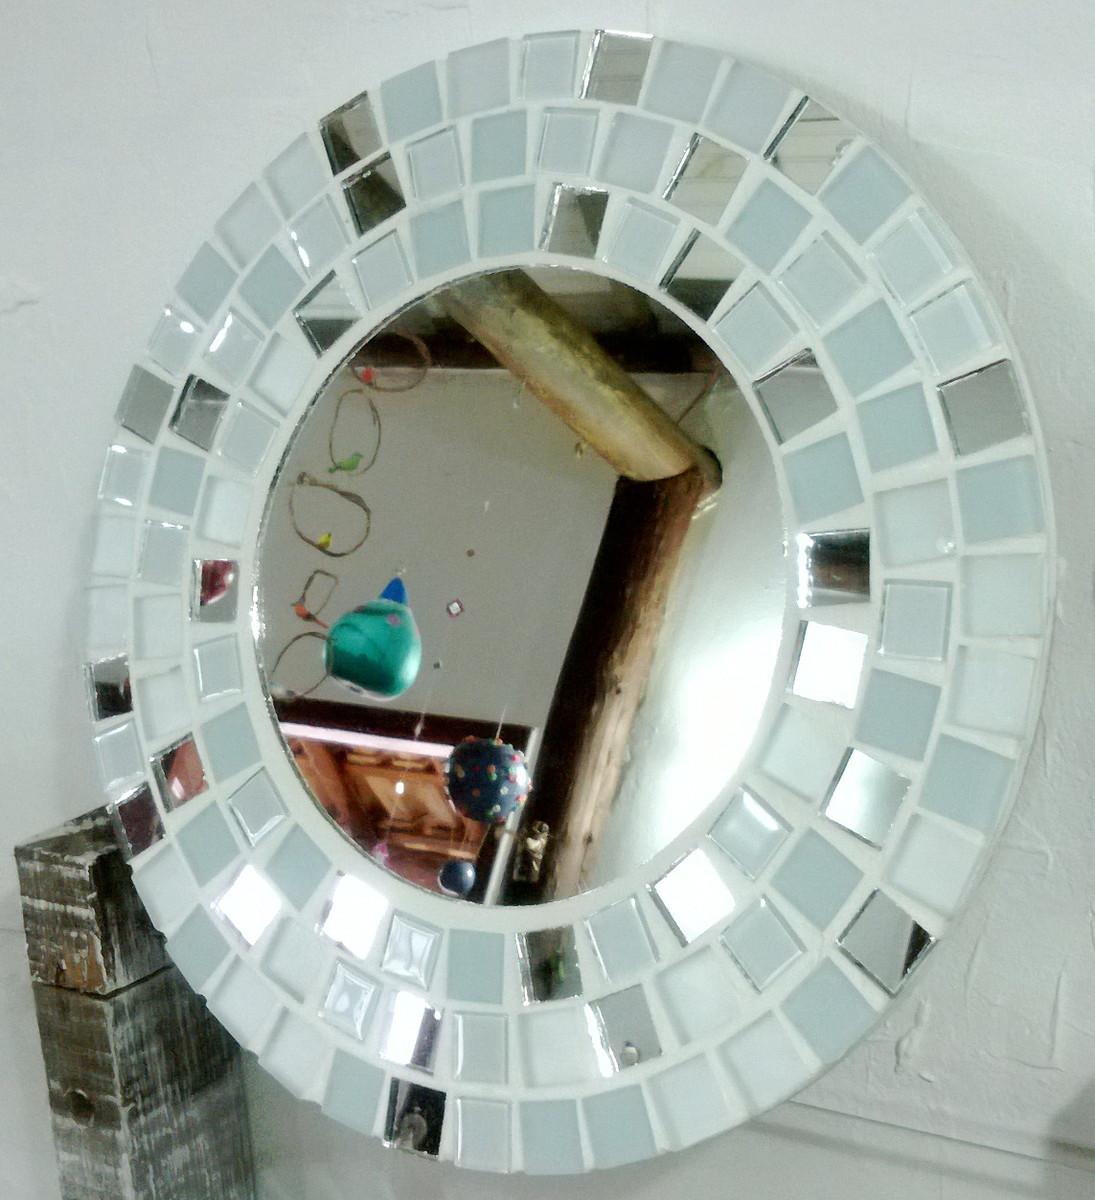 Banheiros Com Pastilhas Em Volta Do Espelho  homefiresafetykitcom banheiros -> Banheiro Com Pastilha Em Volta Do Espelho